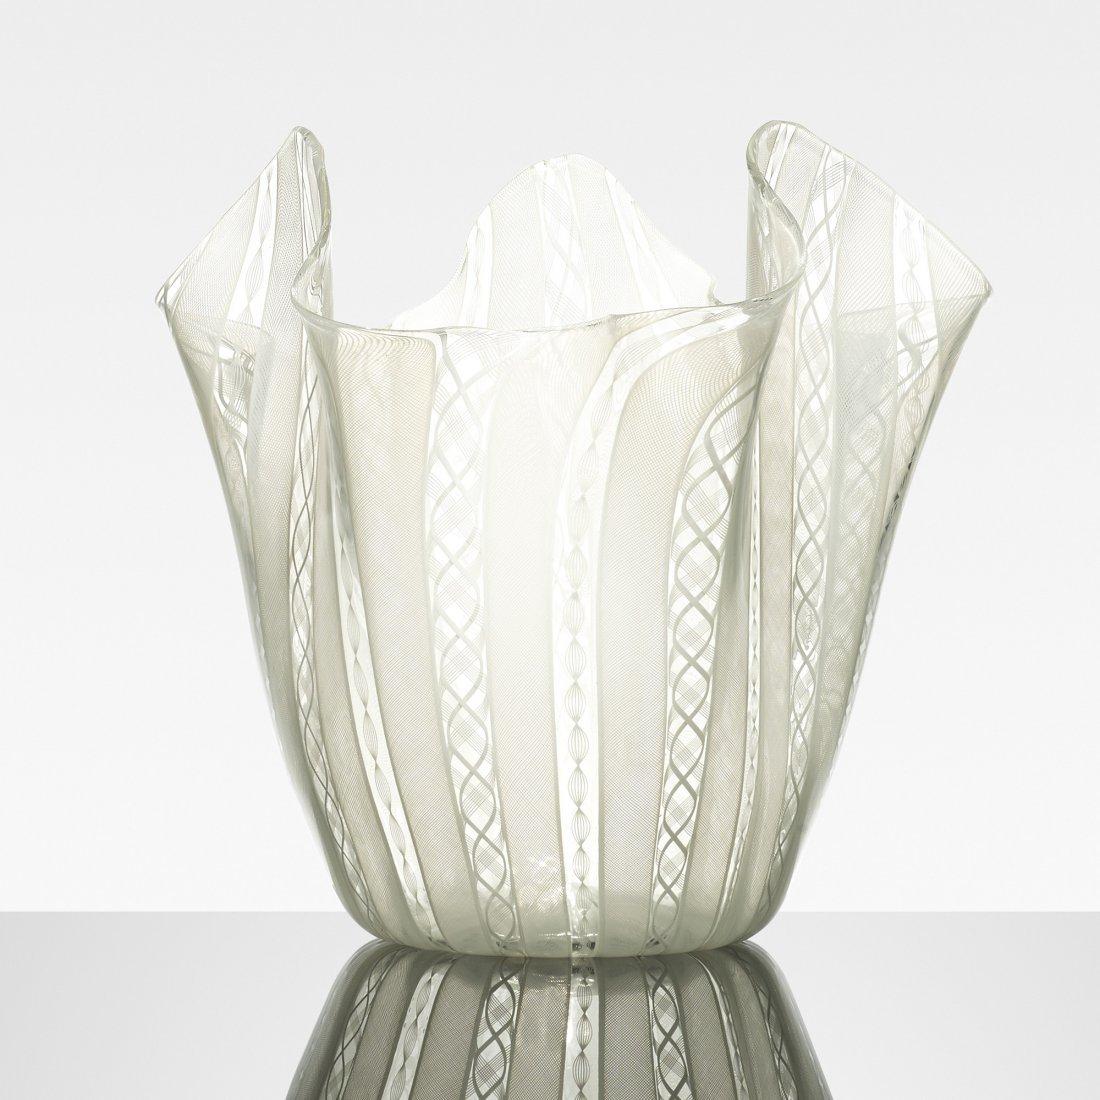 Fulvio Bianconi Fazzoletto vase